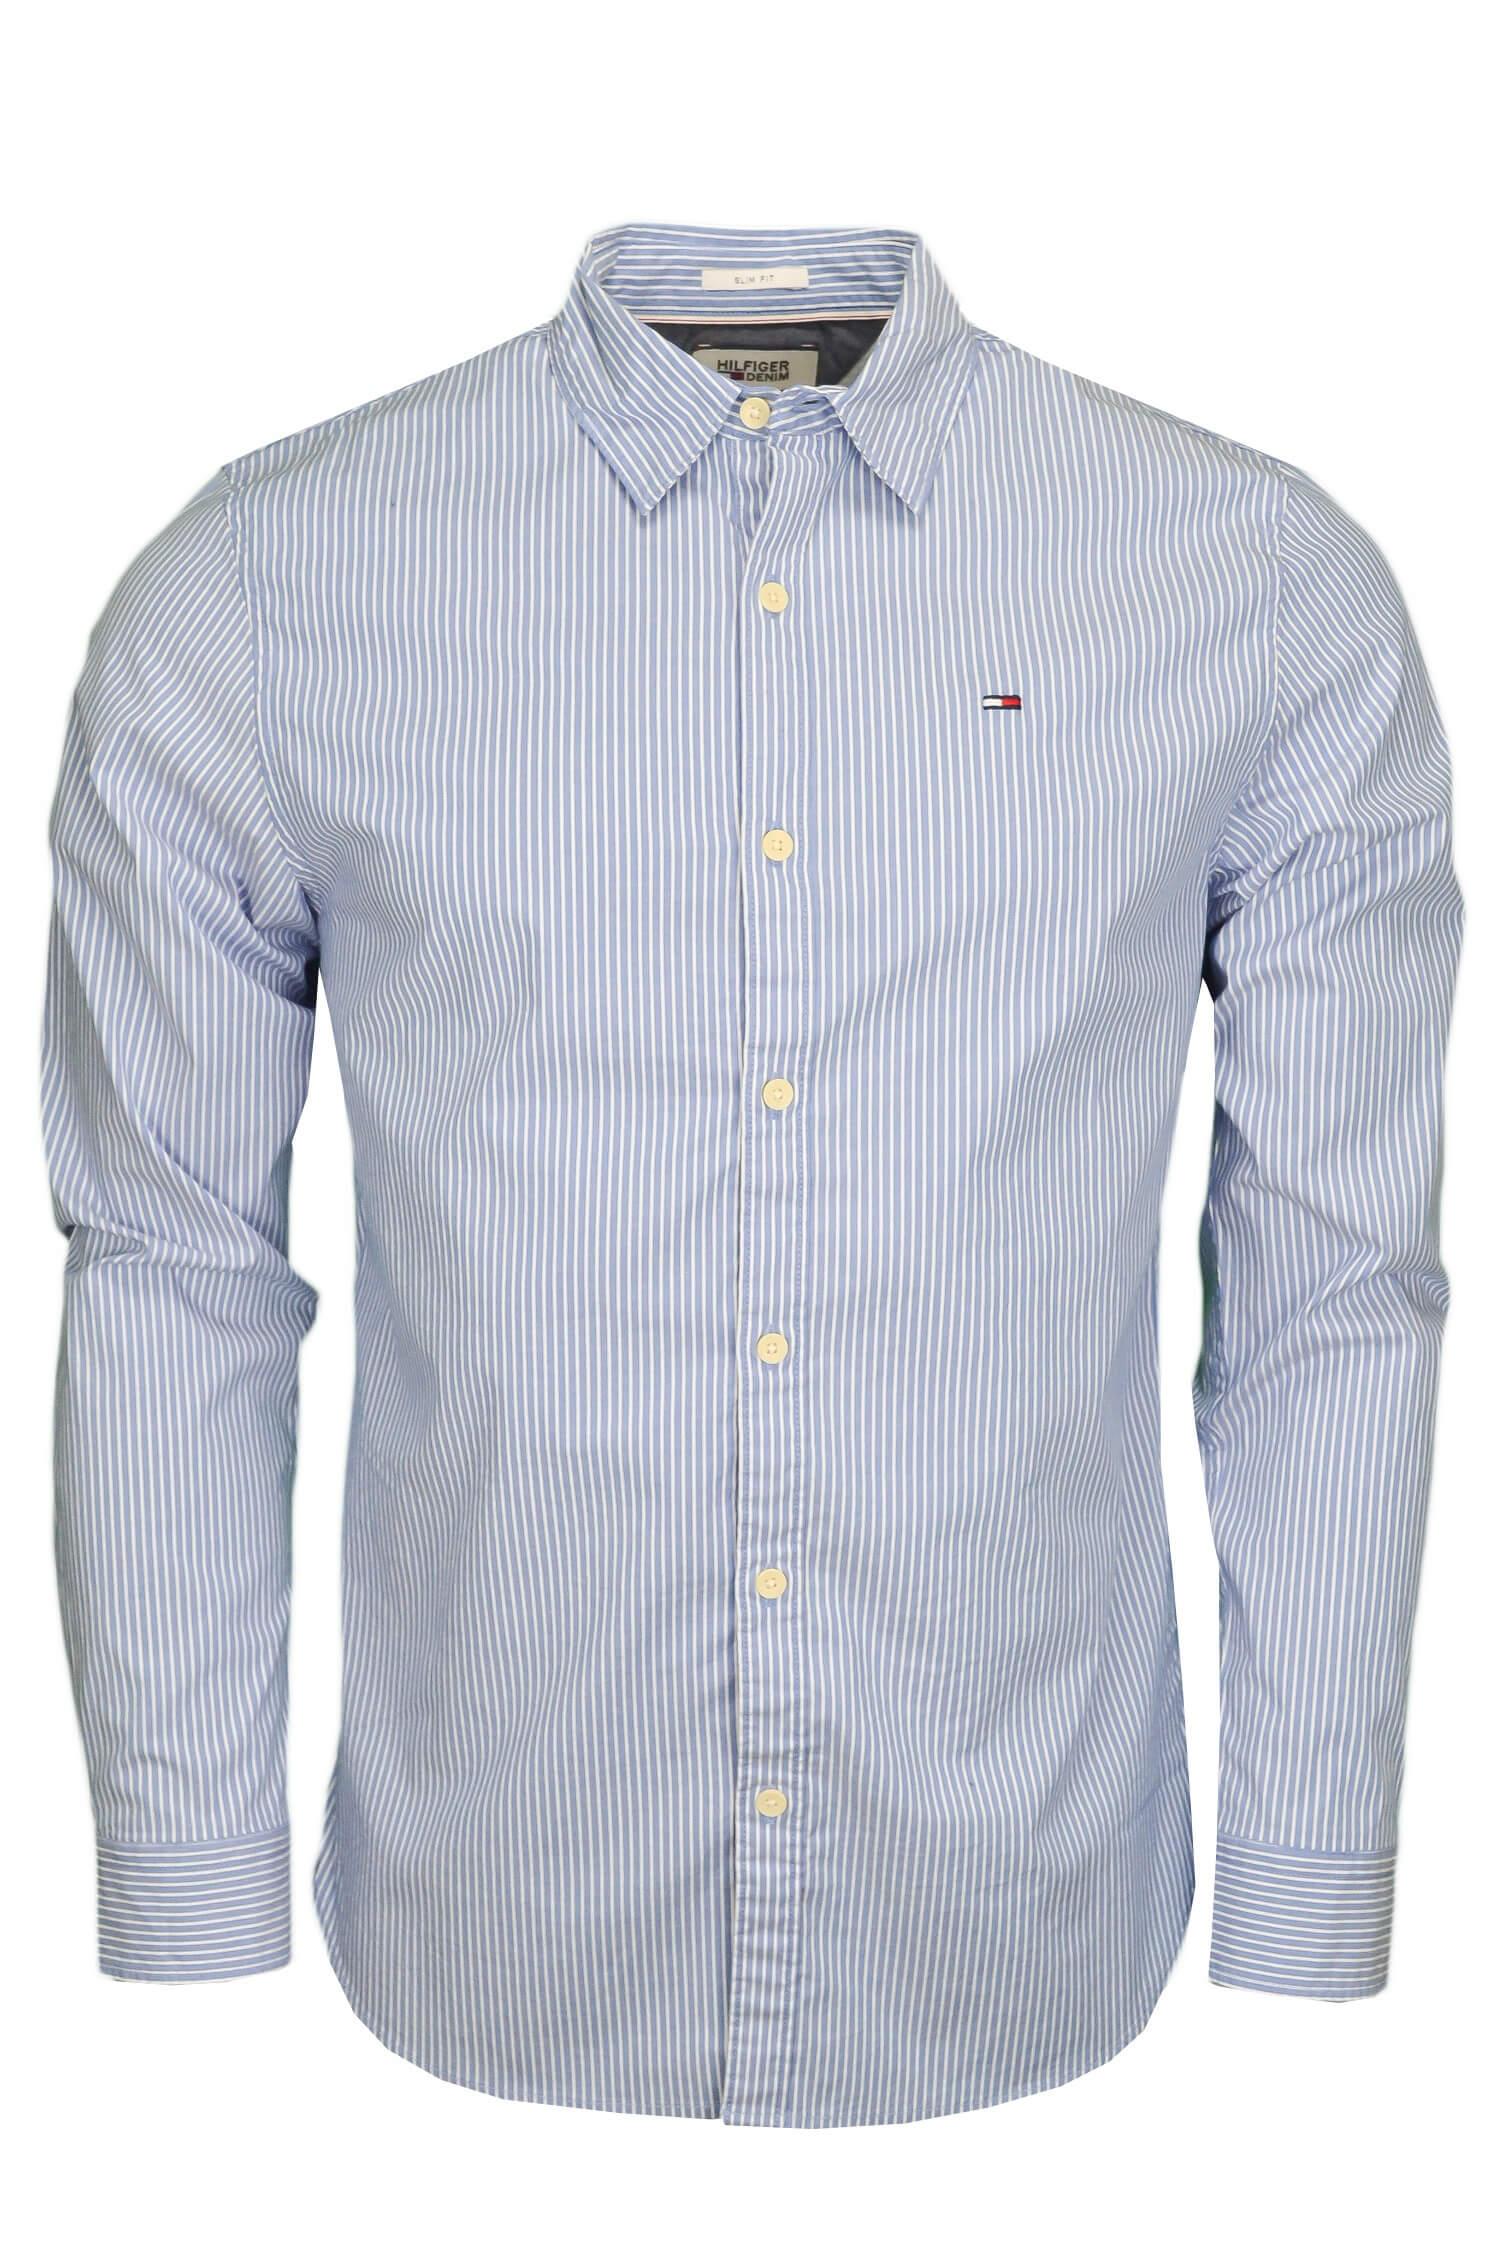 Chemise rayée Tommy Hilfiger bleu et blanche